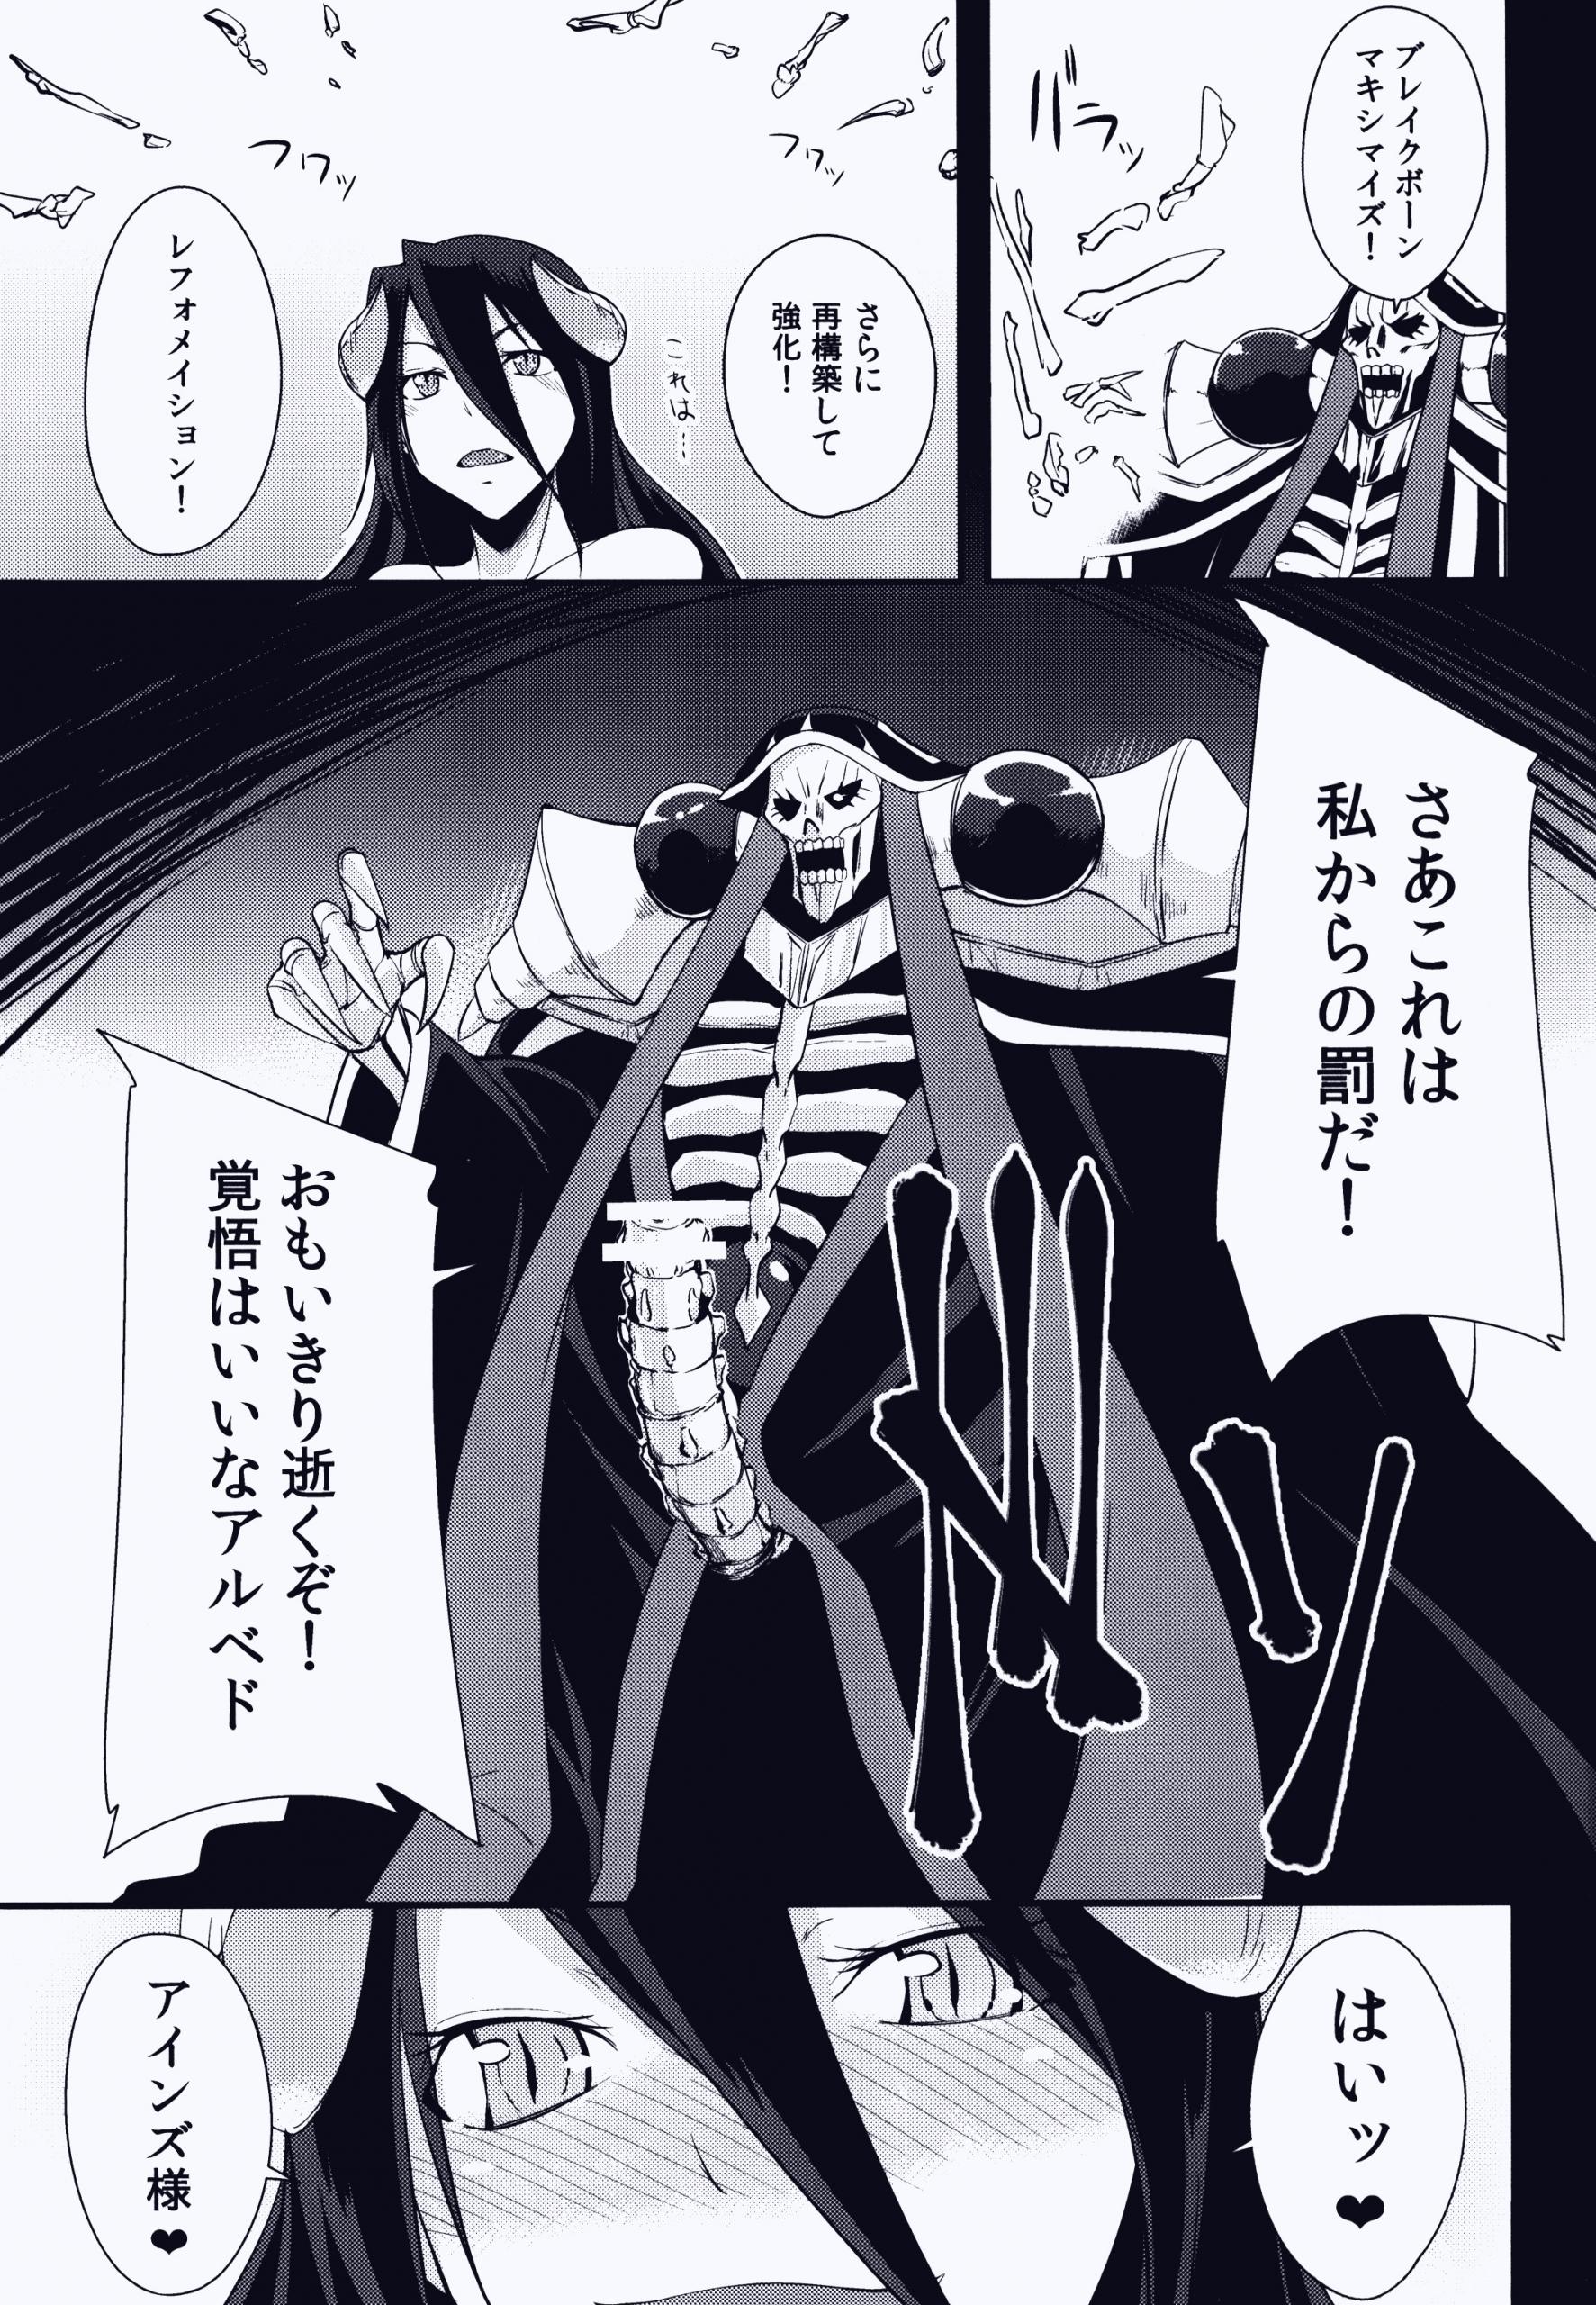 Shikounaru Tawamure page 16